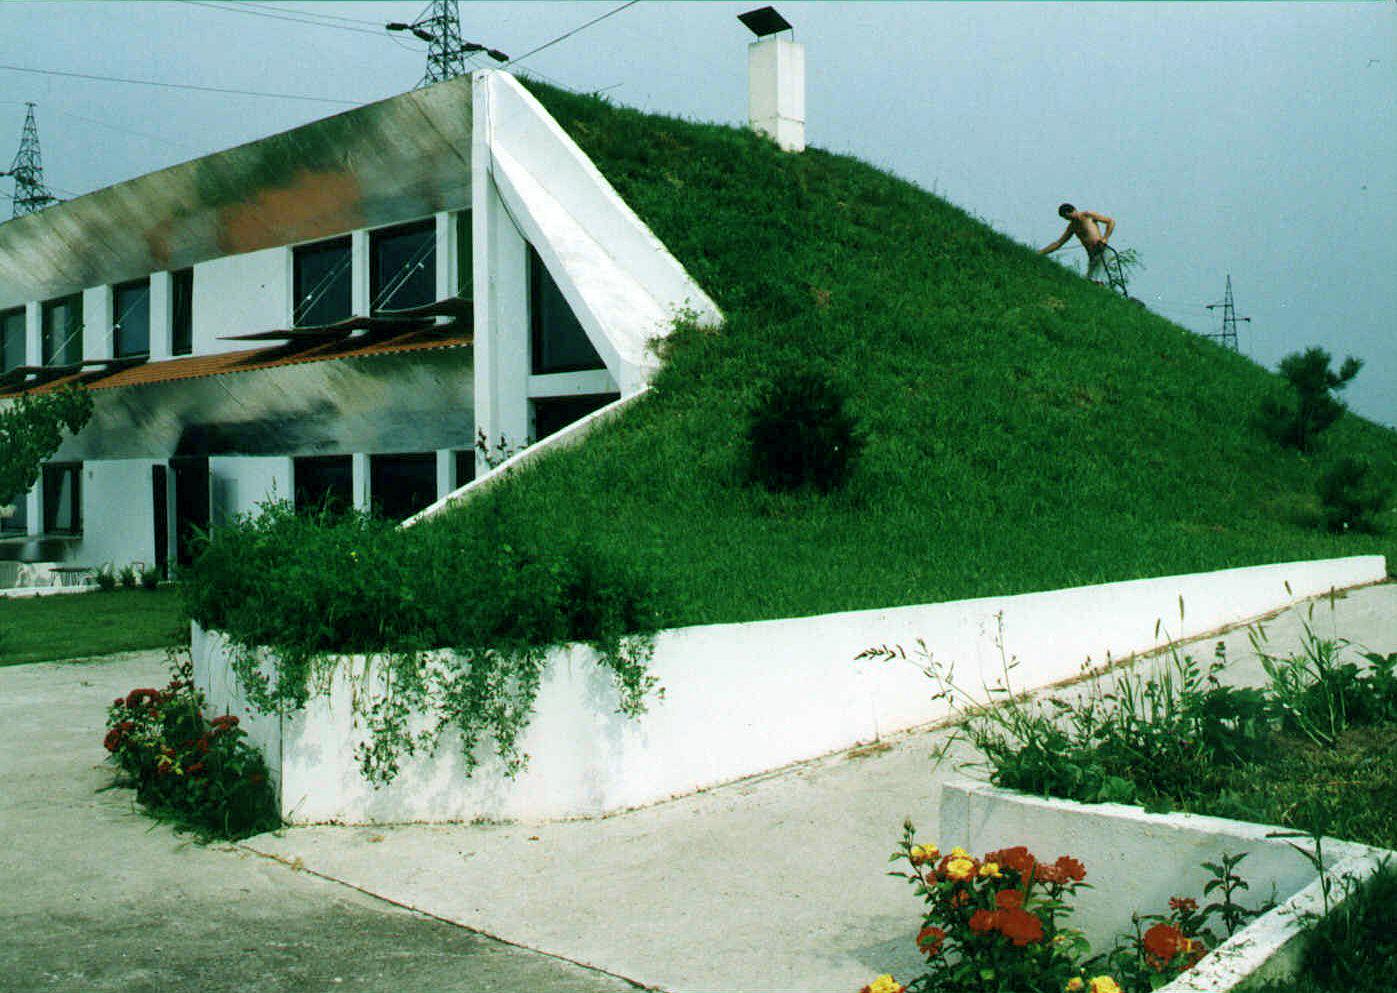 Veljko_Milkovic_eco-house